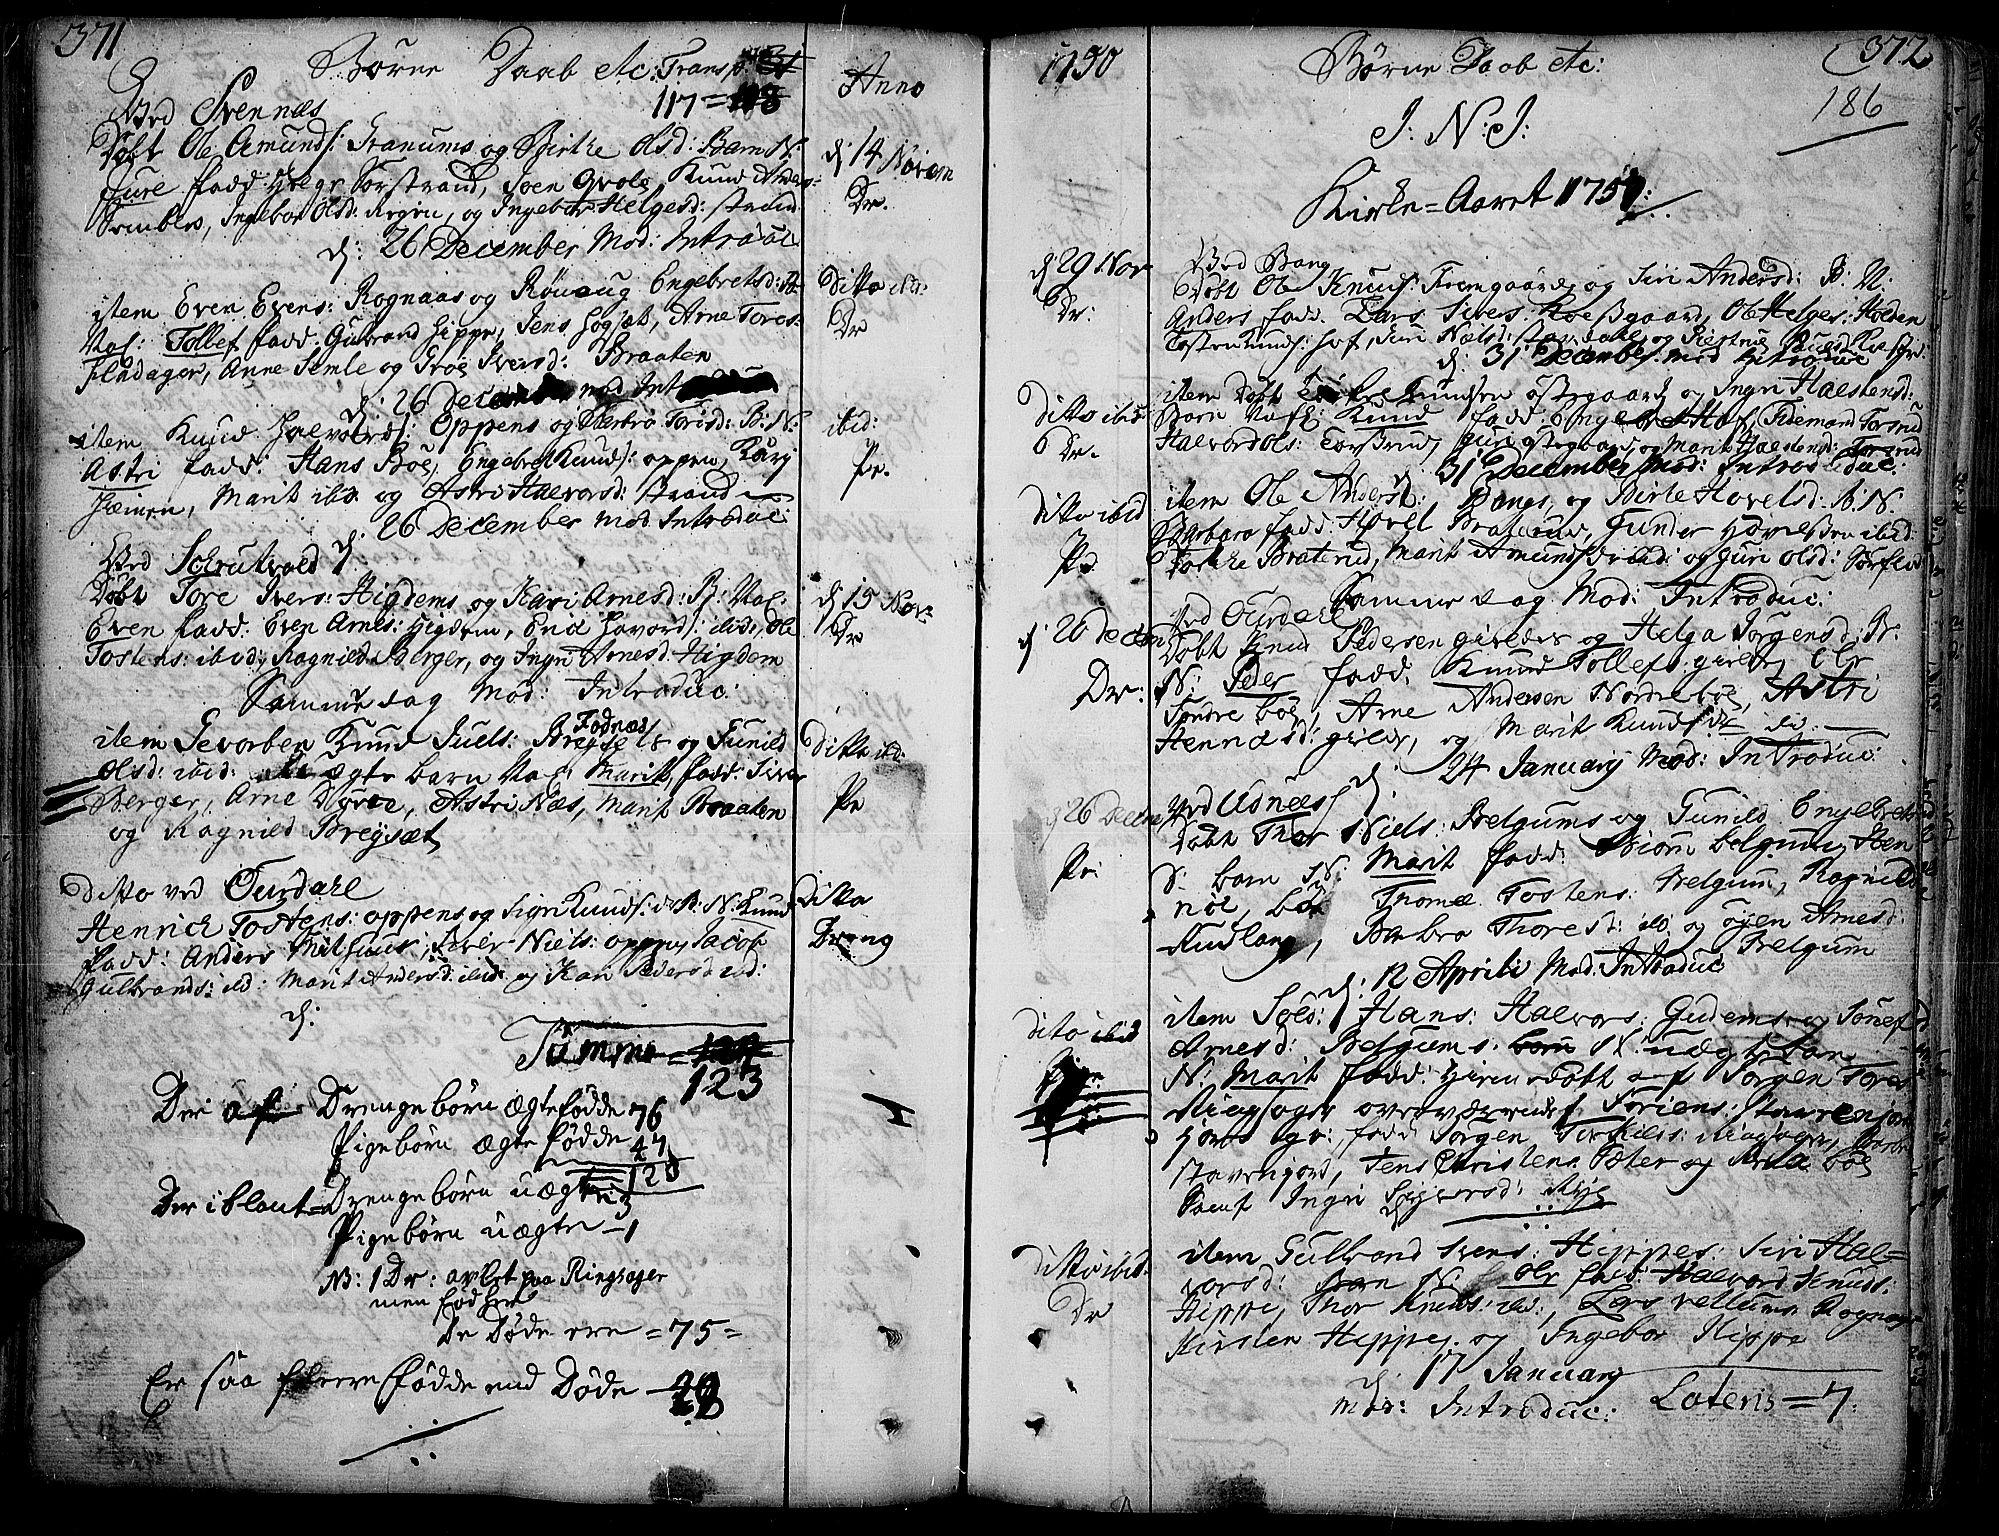 SAH, Aurdal prestekontor, Parish register (official) no. 4, 1730-1762, p. 371-372